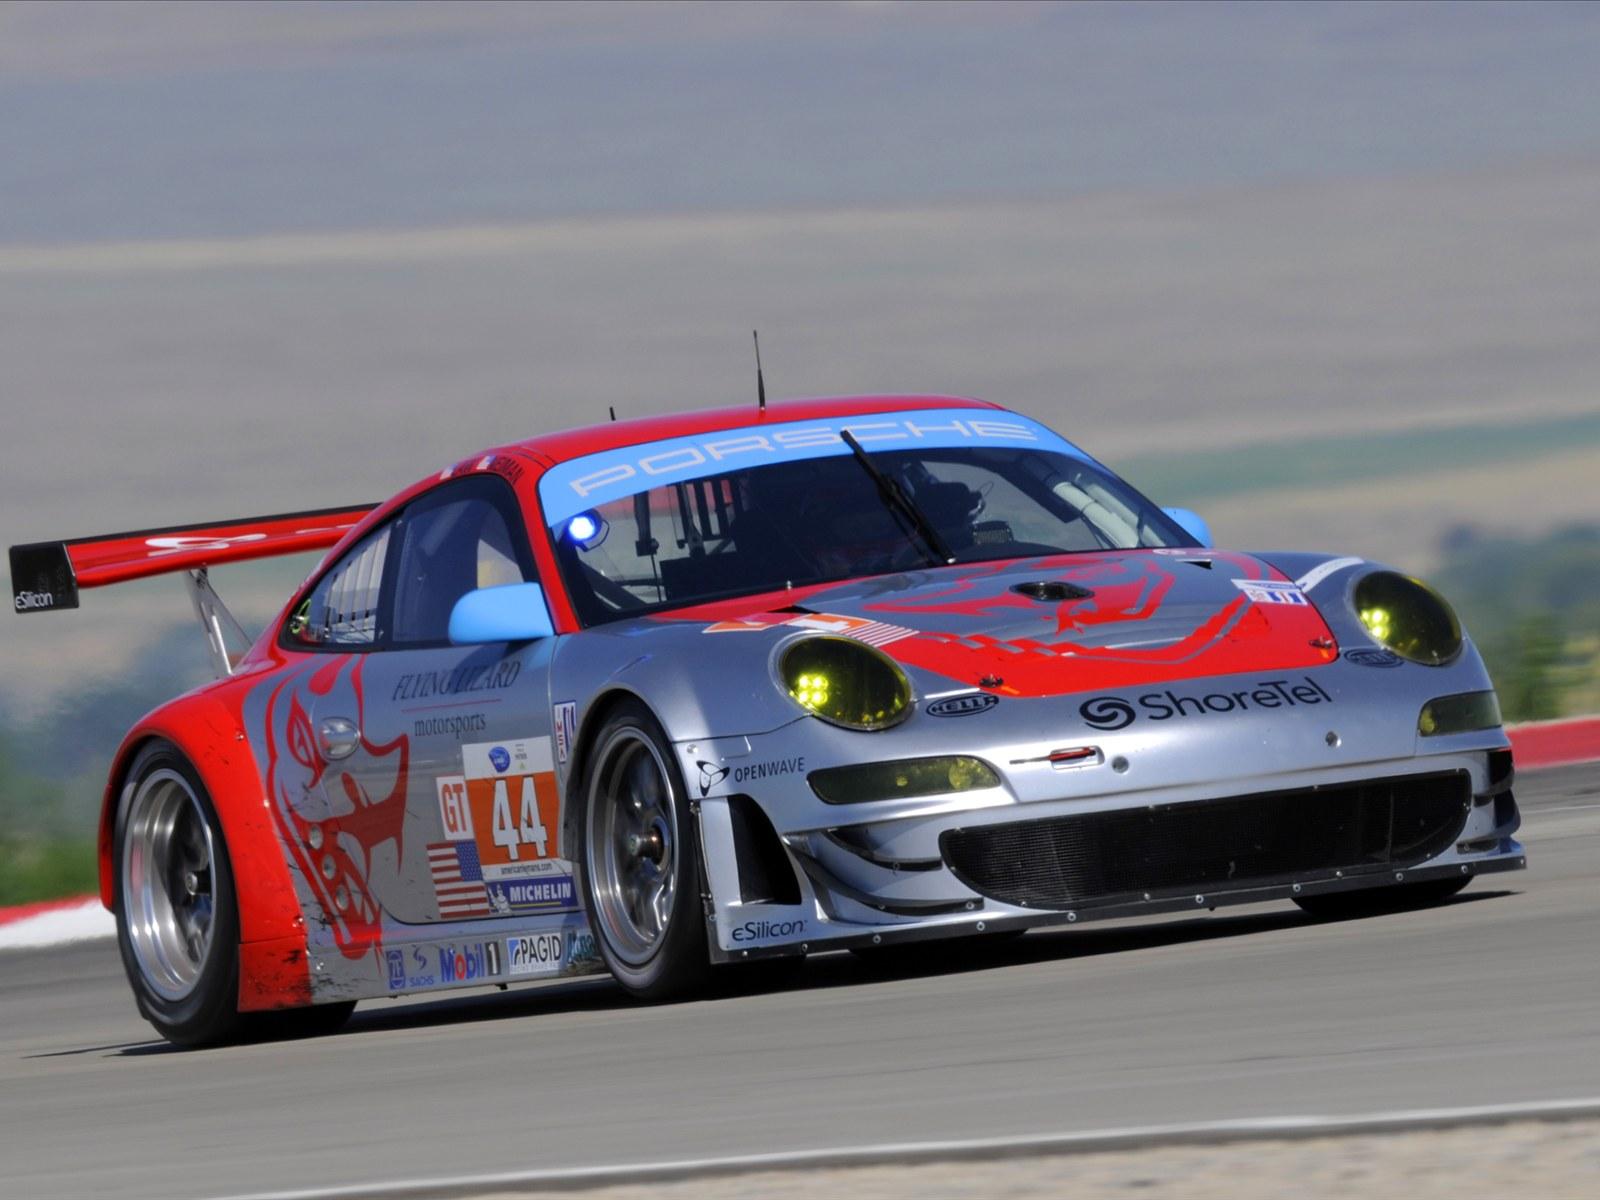 Auto Racing Wallpaper Wallpapersafari